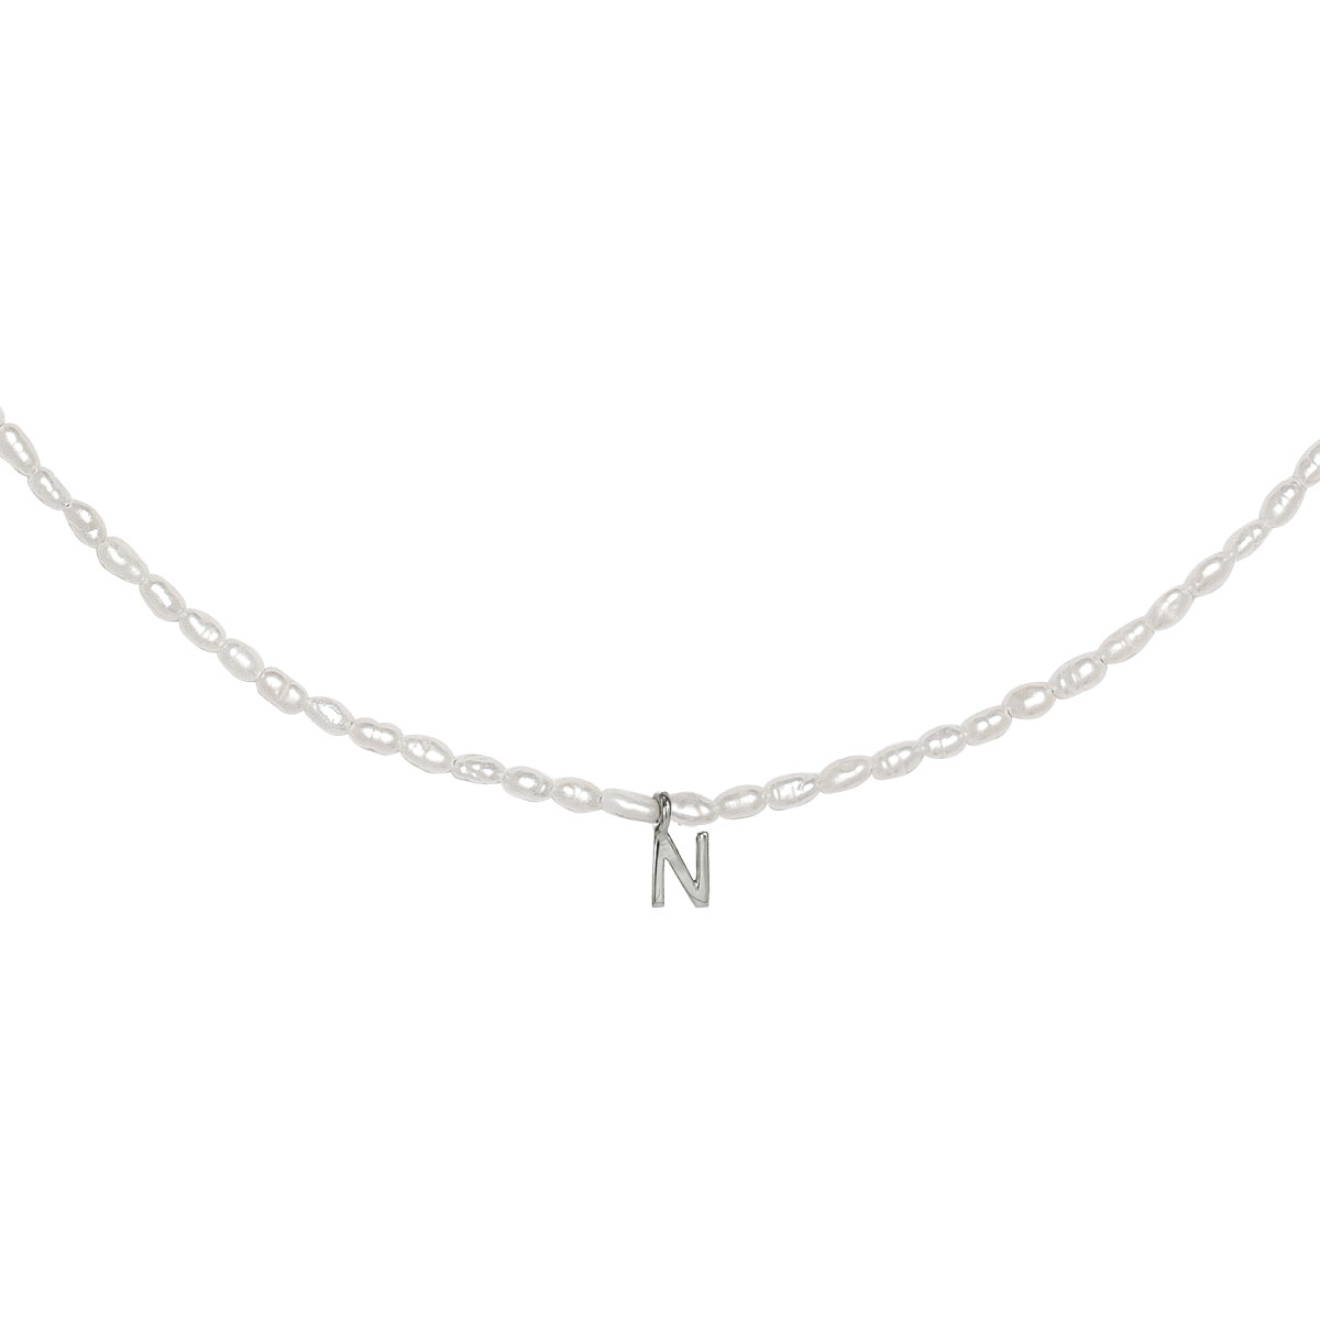 Фото - Ringstone Жемчужное ожерелье из серебра с буквой N ringstone жемчужное ожерелье с буквой s ringstone